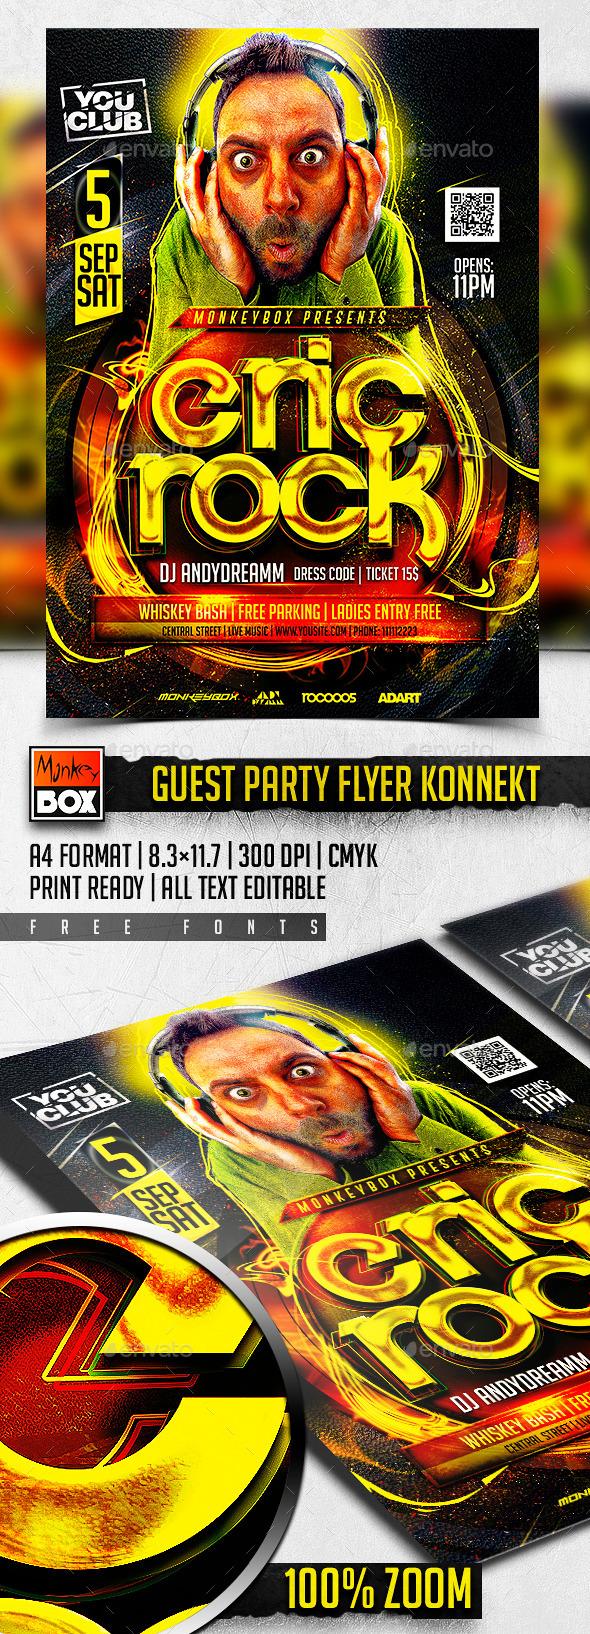 Guest Party Flyer Konnekt - Clubs & Parties Events